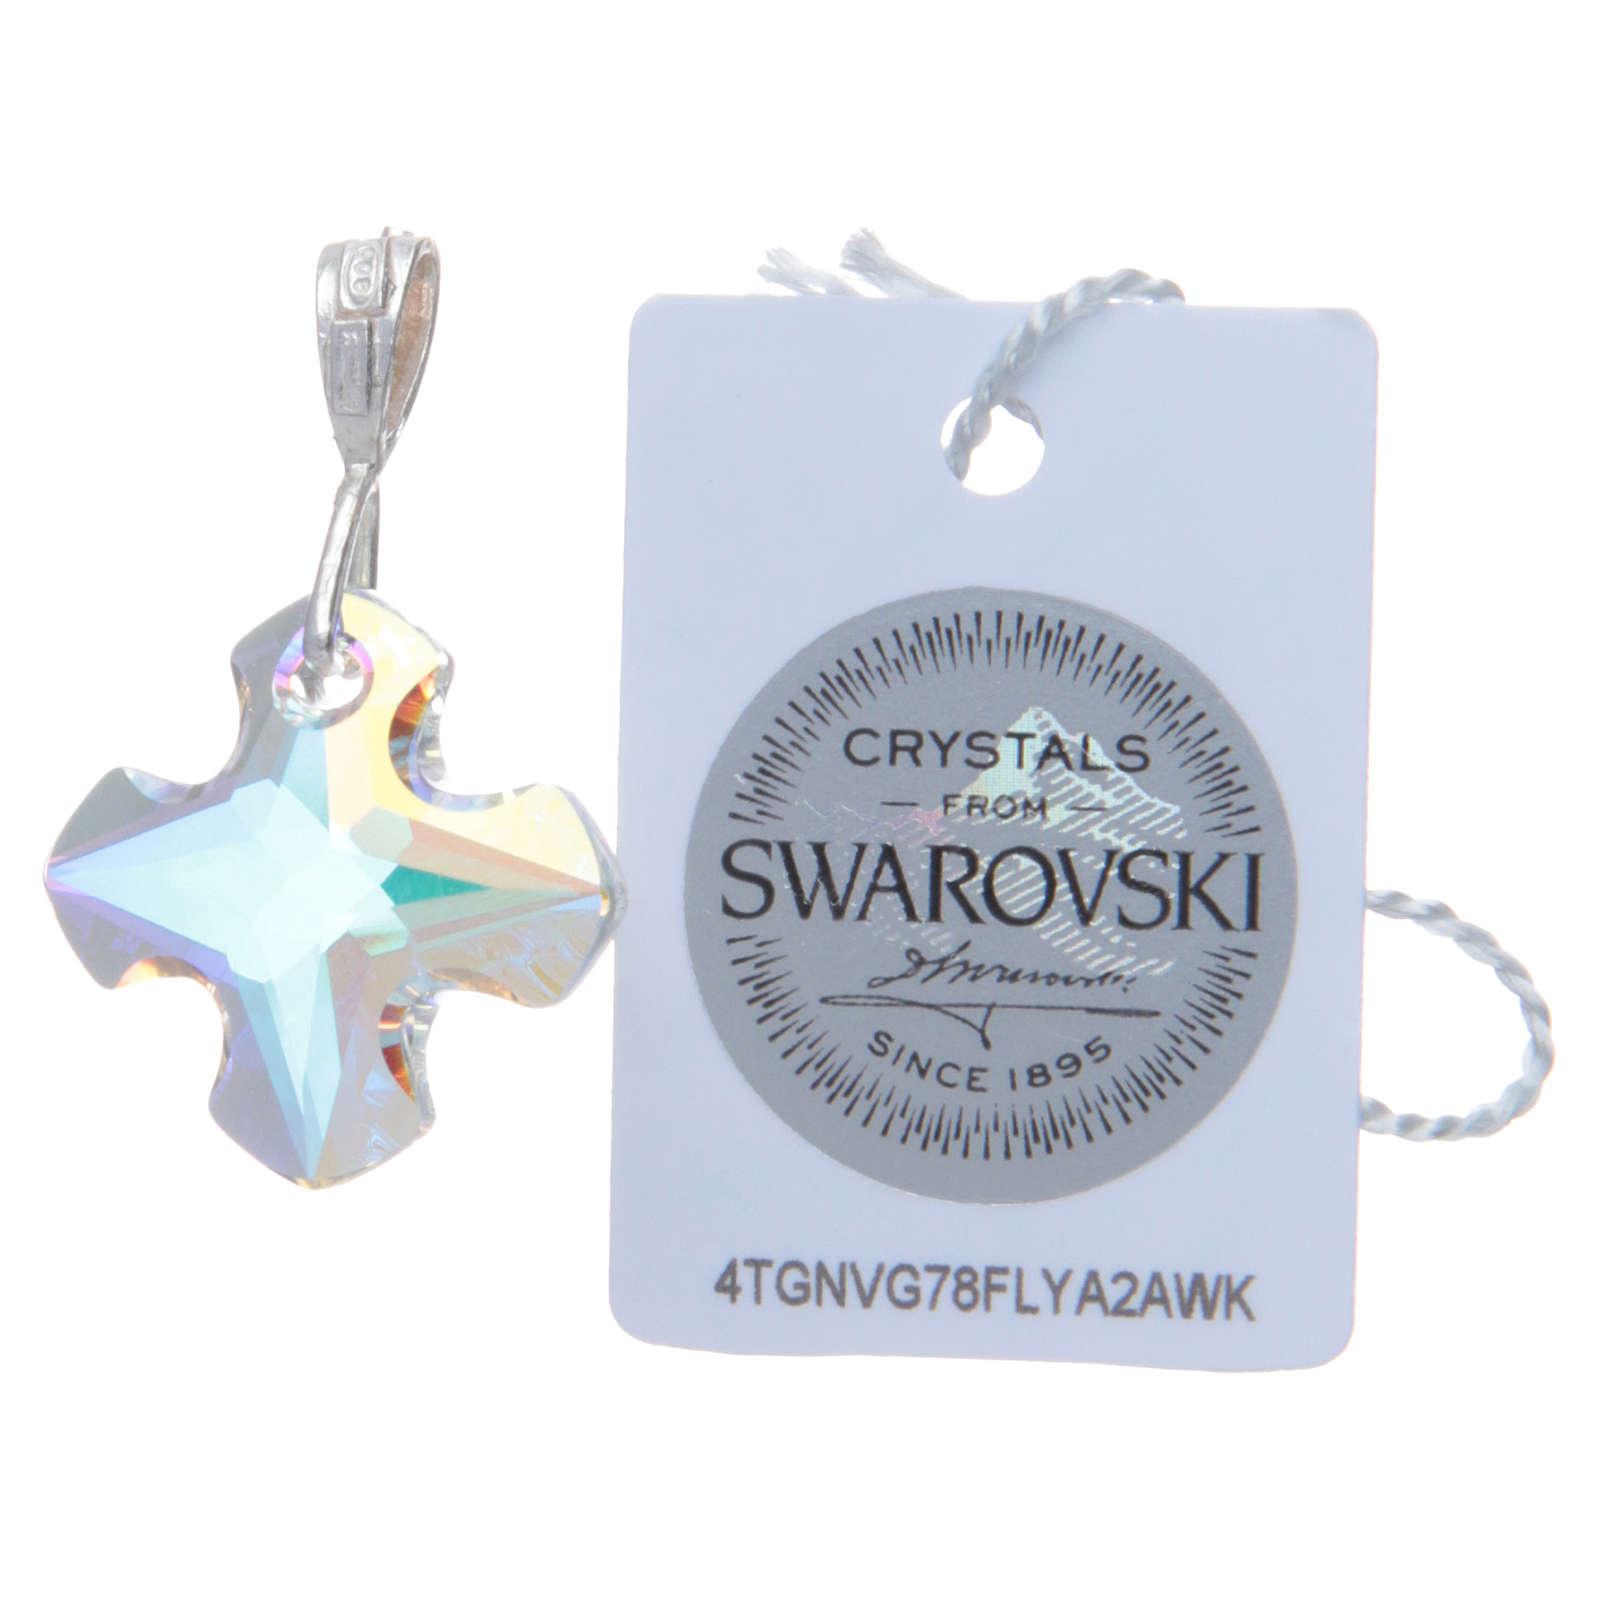 Croce cristallo Swarovski bianco e Argento 2x2 cm 4